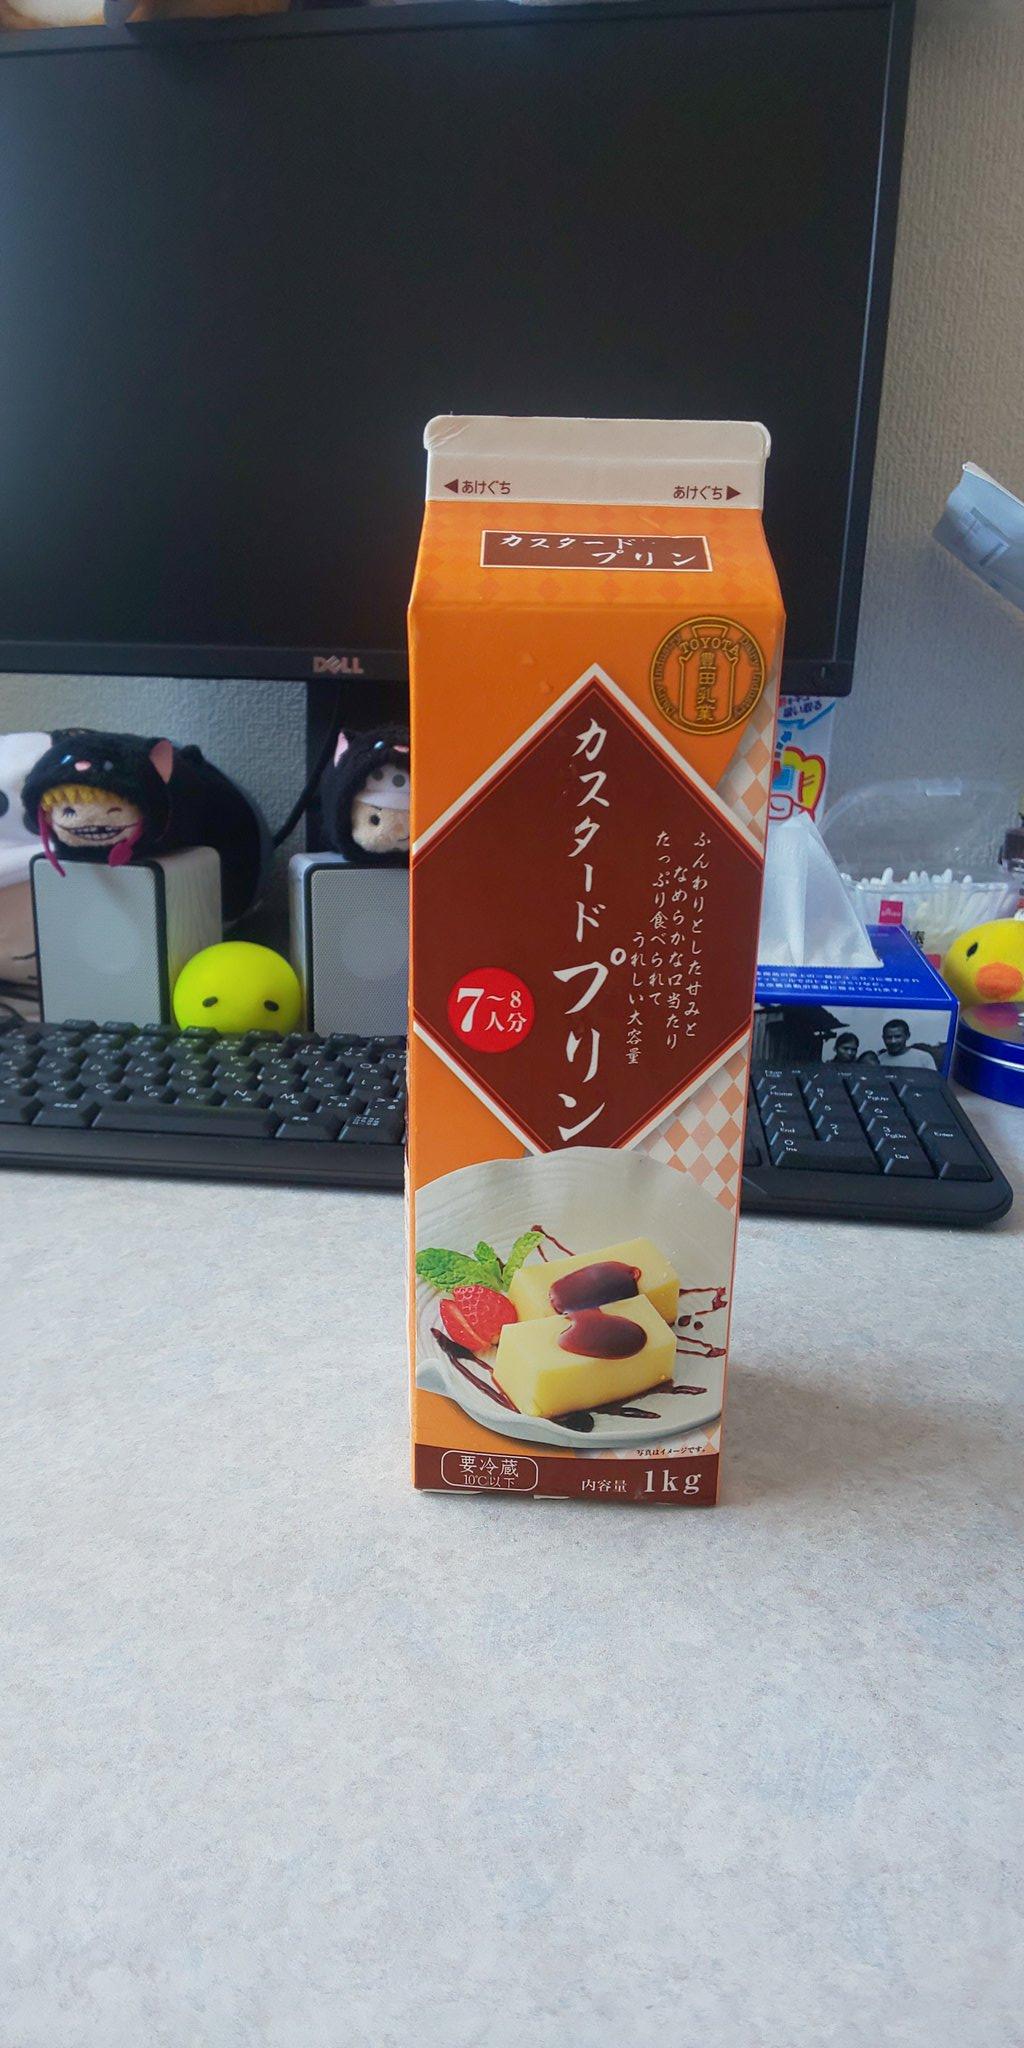 【画像】業務スーパーでプリン1kg買ってきた